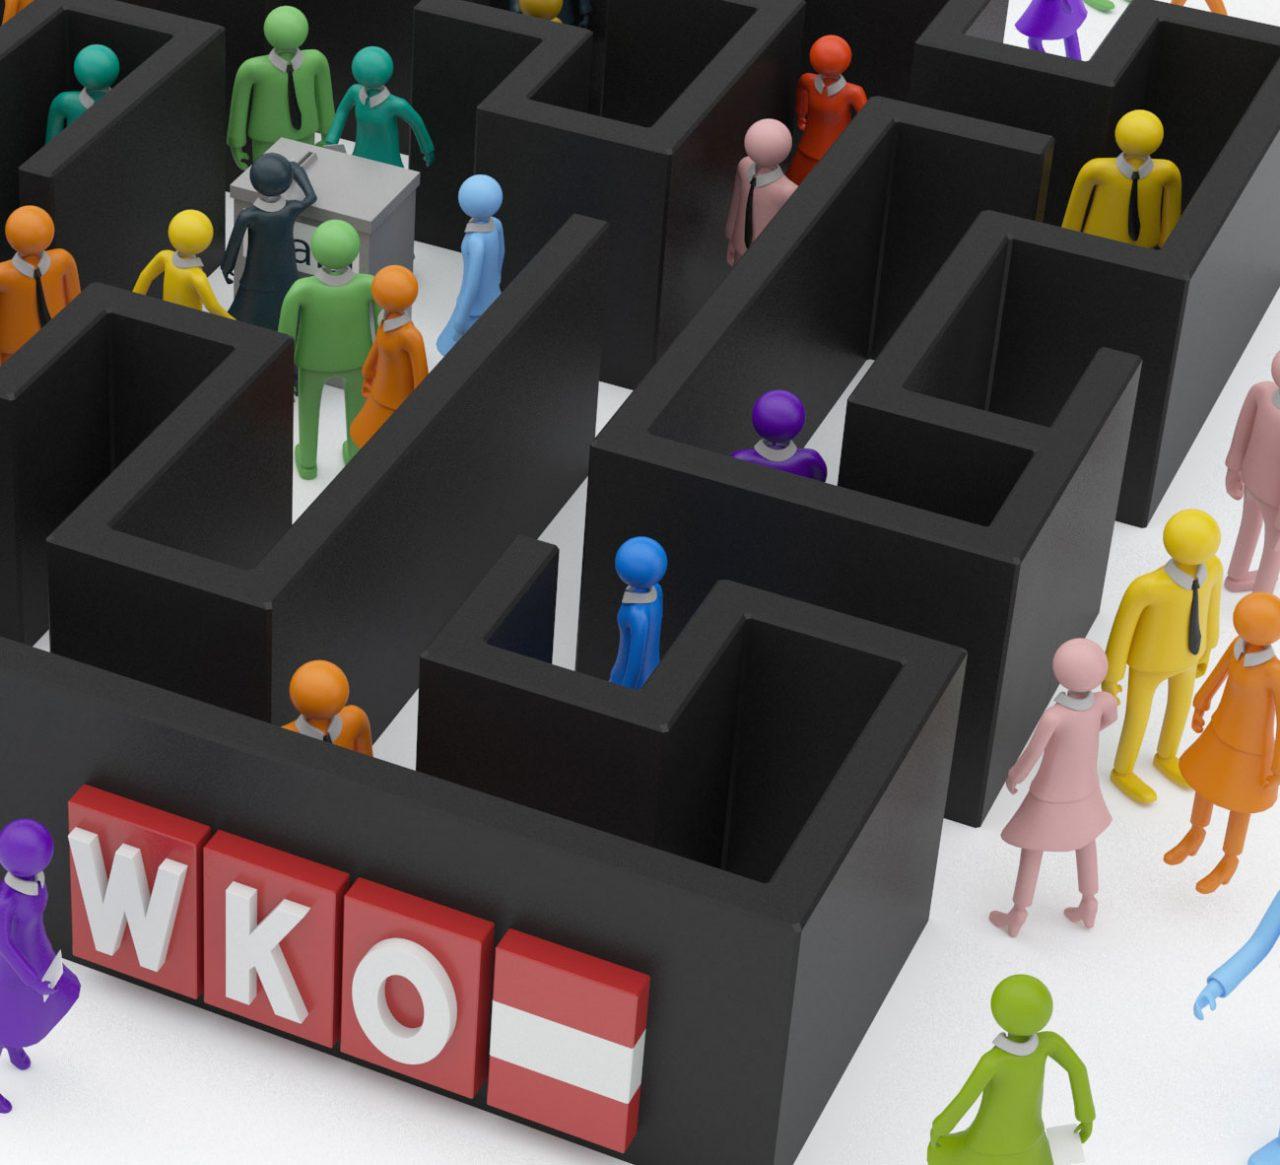 Wirtschaftskammerwahlrecht - Folge 7 : Herr Huber will kandidieren